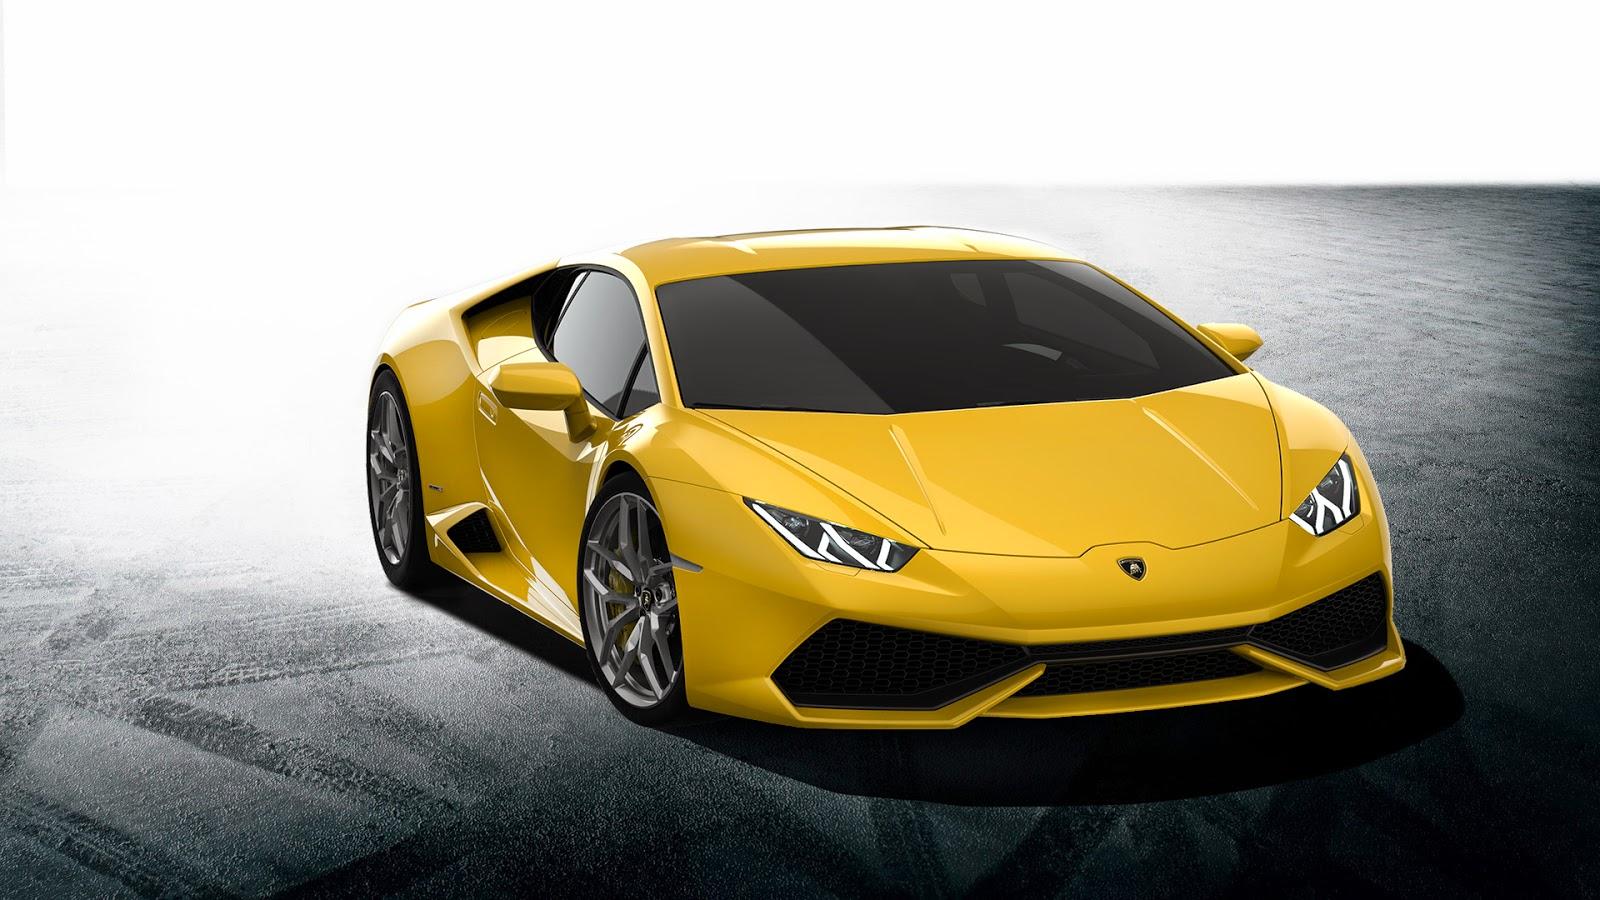 Leopaul S Blog Lamborghini Huracan Lp610 4